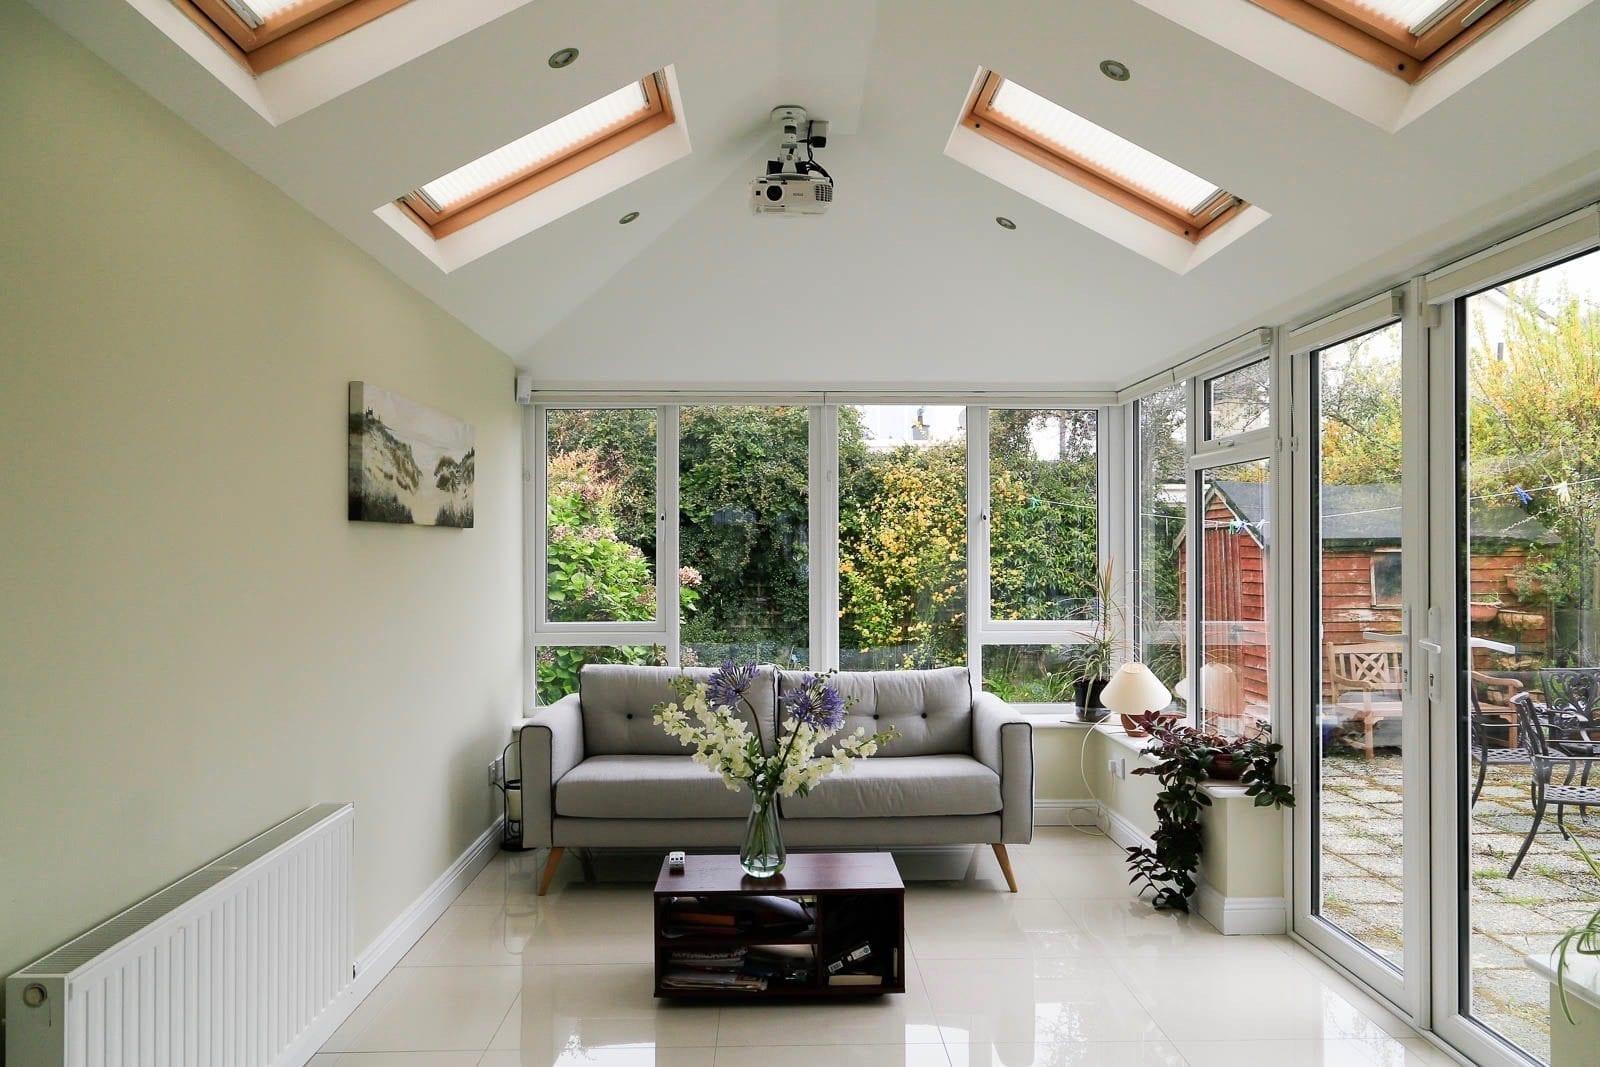 Brightspace Sunroom 4 Roof windows